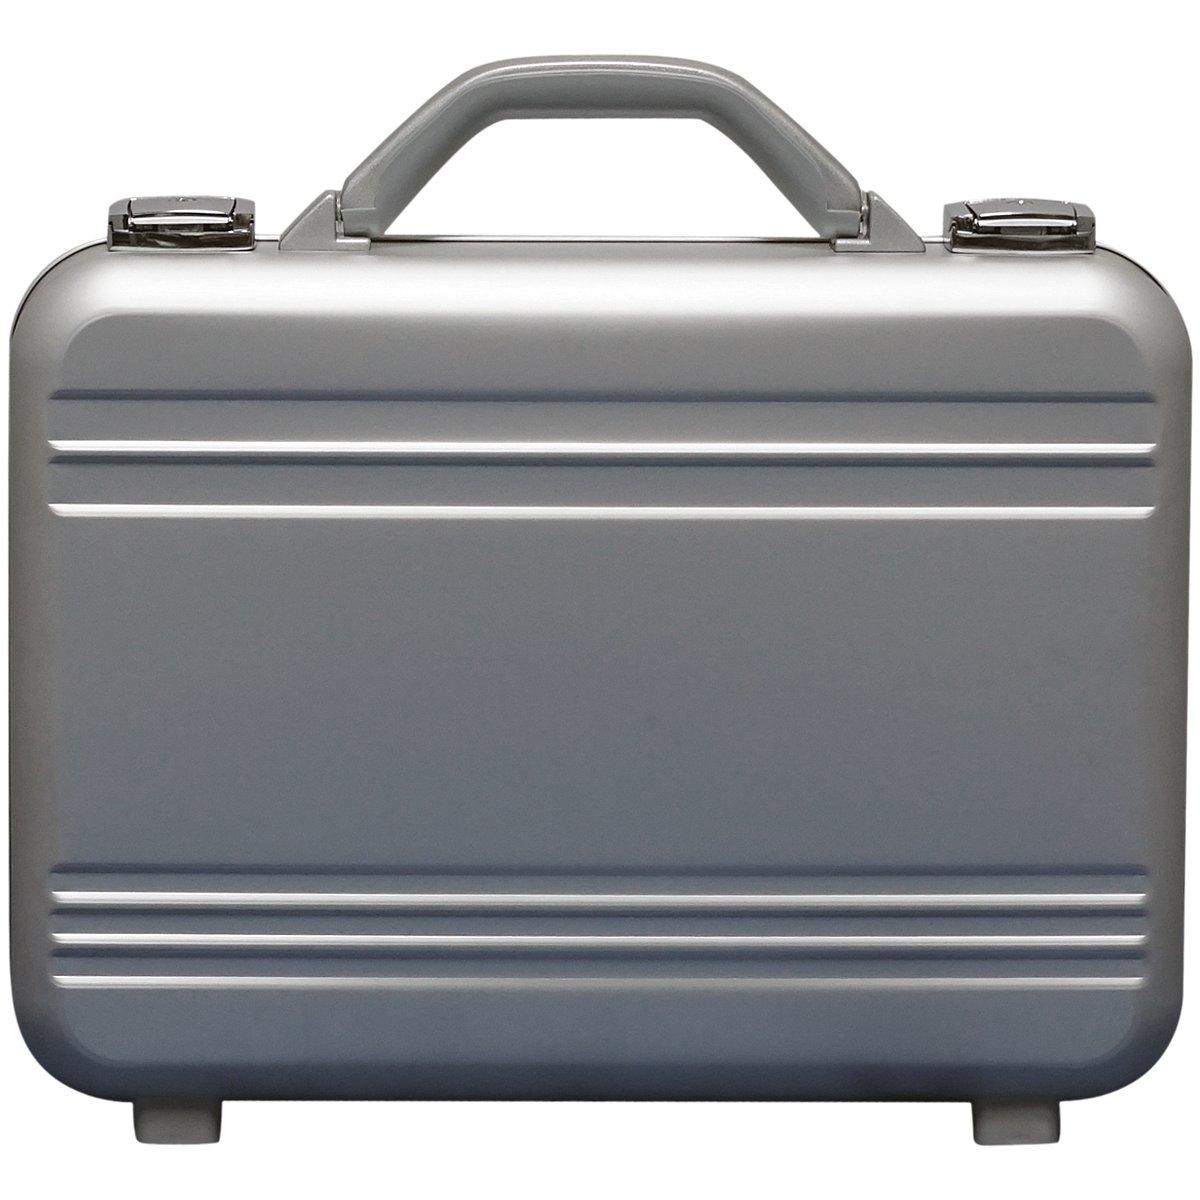 アルミ製 アタッシュケース Sサイズ A4サイズ対応 シルバー 軽量モデル ノートパソコン収納可能 ビジネスバッグ ブリーフケース PCケース パソコンバッグ B01MU0K67J